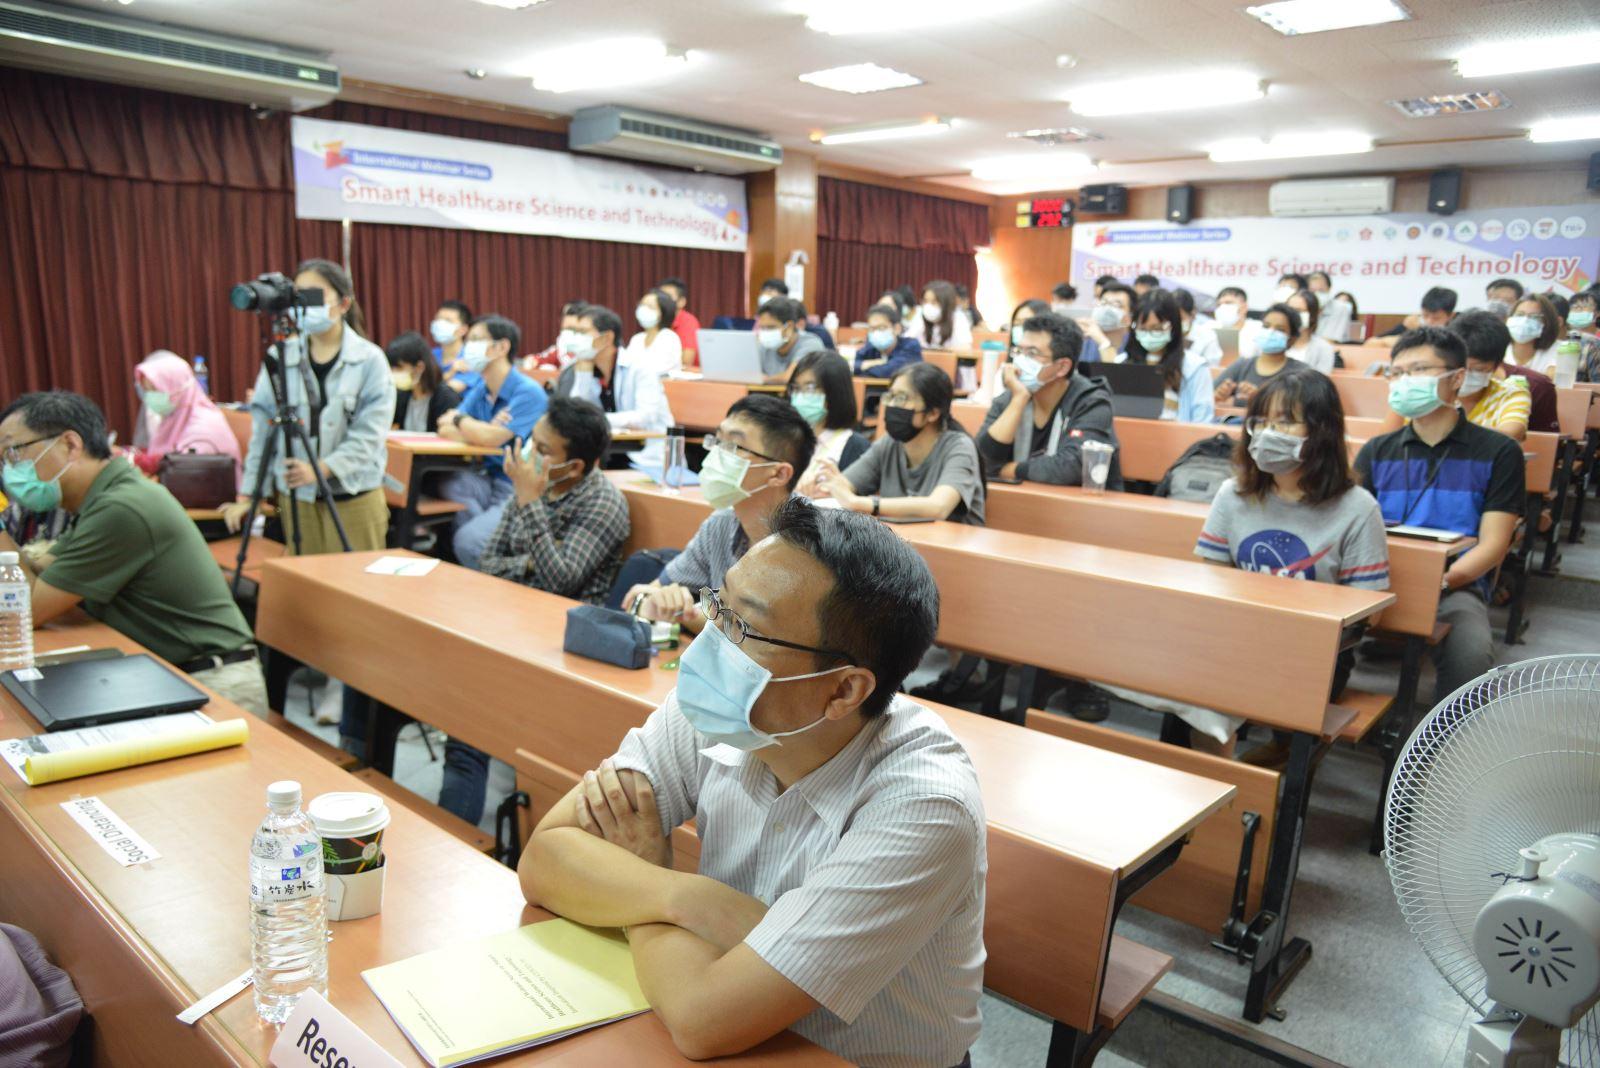 臺泰智慧醫療視訊研討會